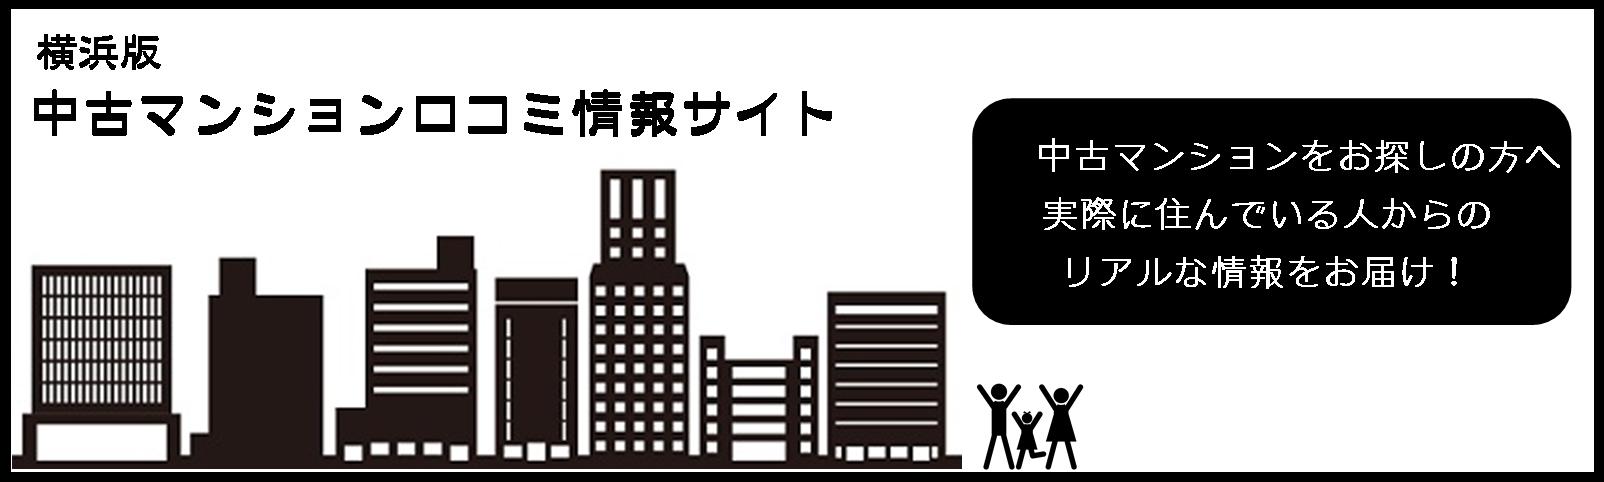 中古マンション情報横浜版へのリンク画像